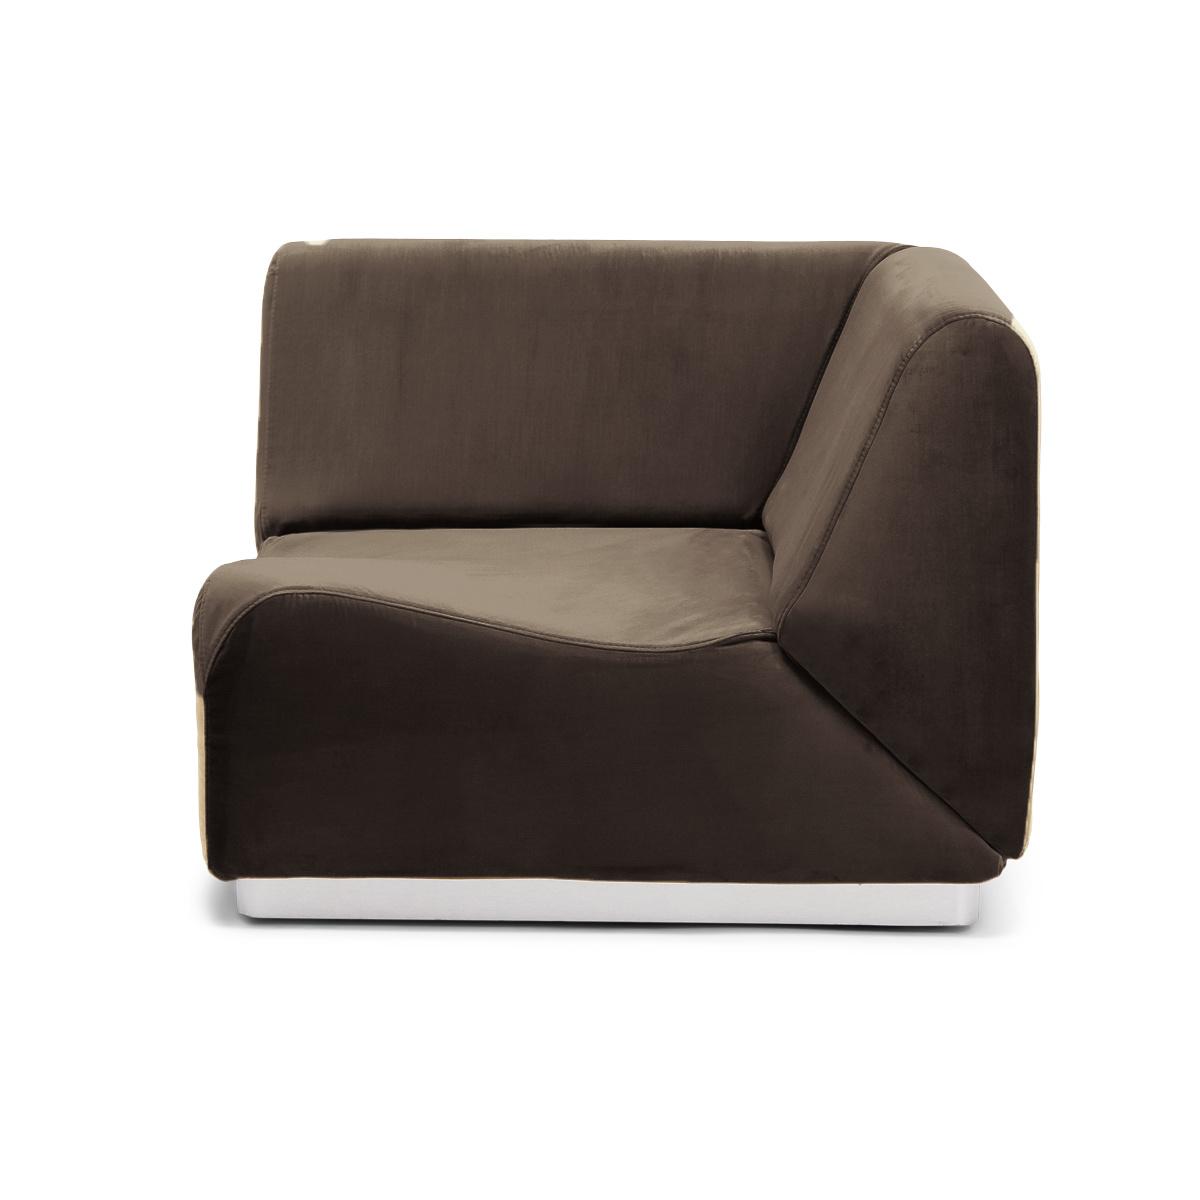 Rotondo Corner Fireside Chair in Taupe Velvet